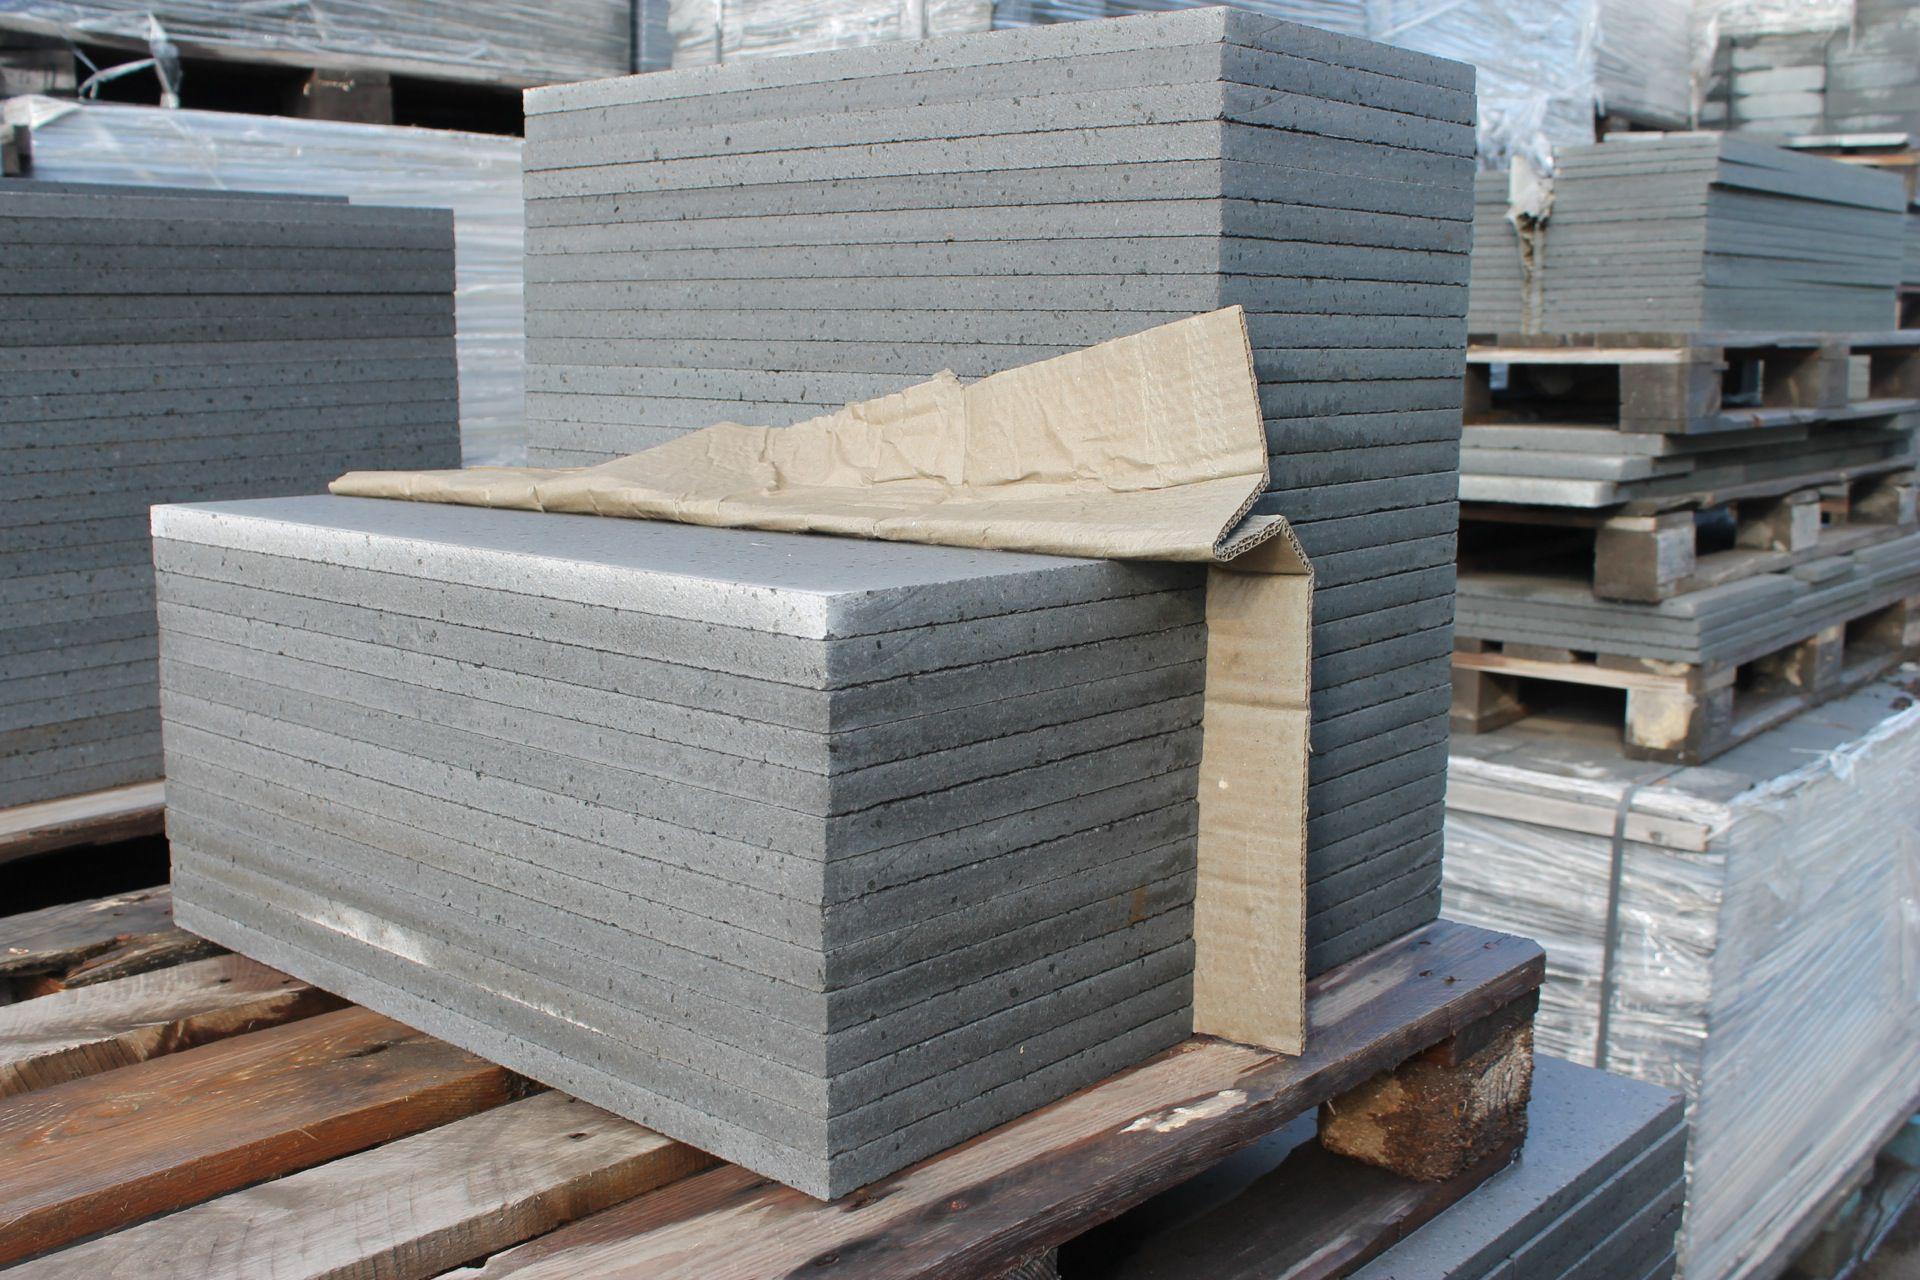 Carrelage de pierre de lave rugueux for Carrelage en pierre de lave